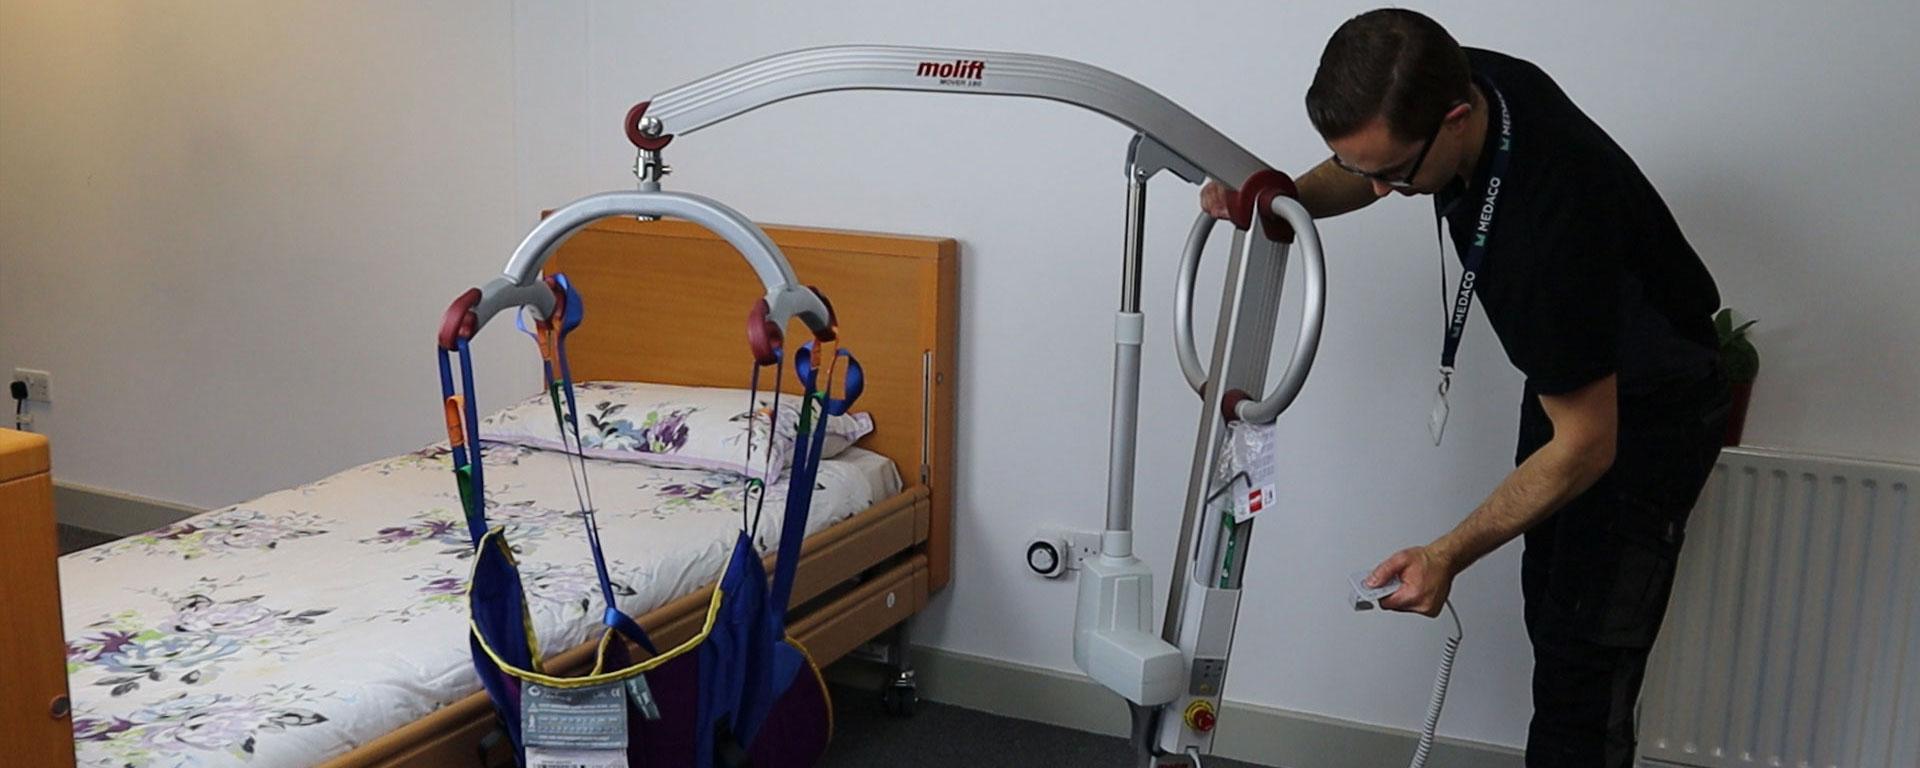 Patient-handling-equipment-maintenance-tips